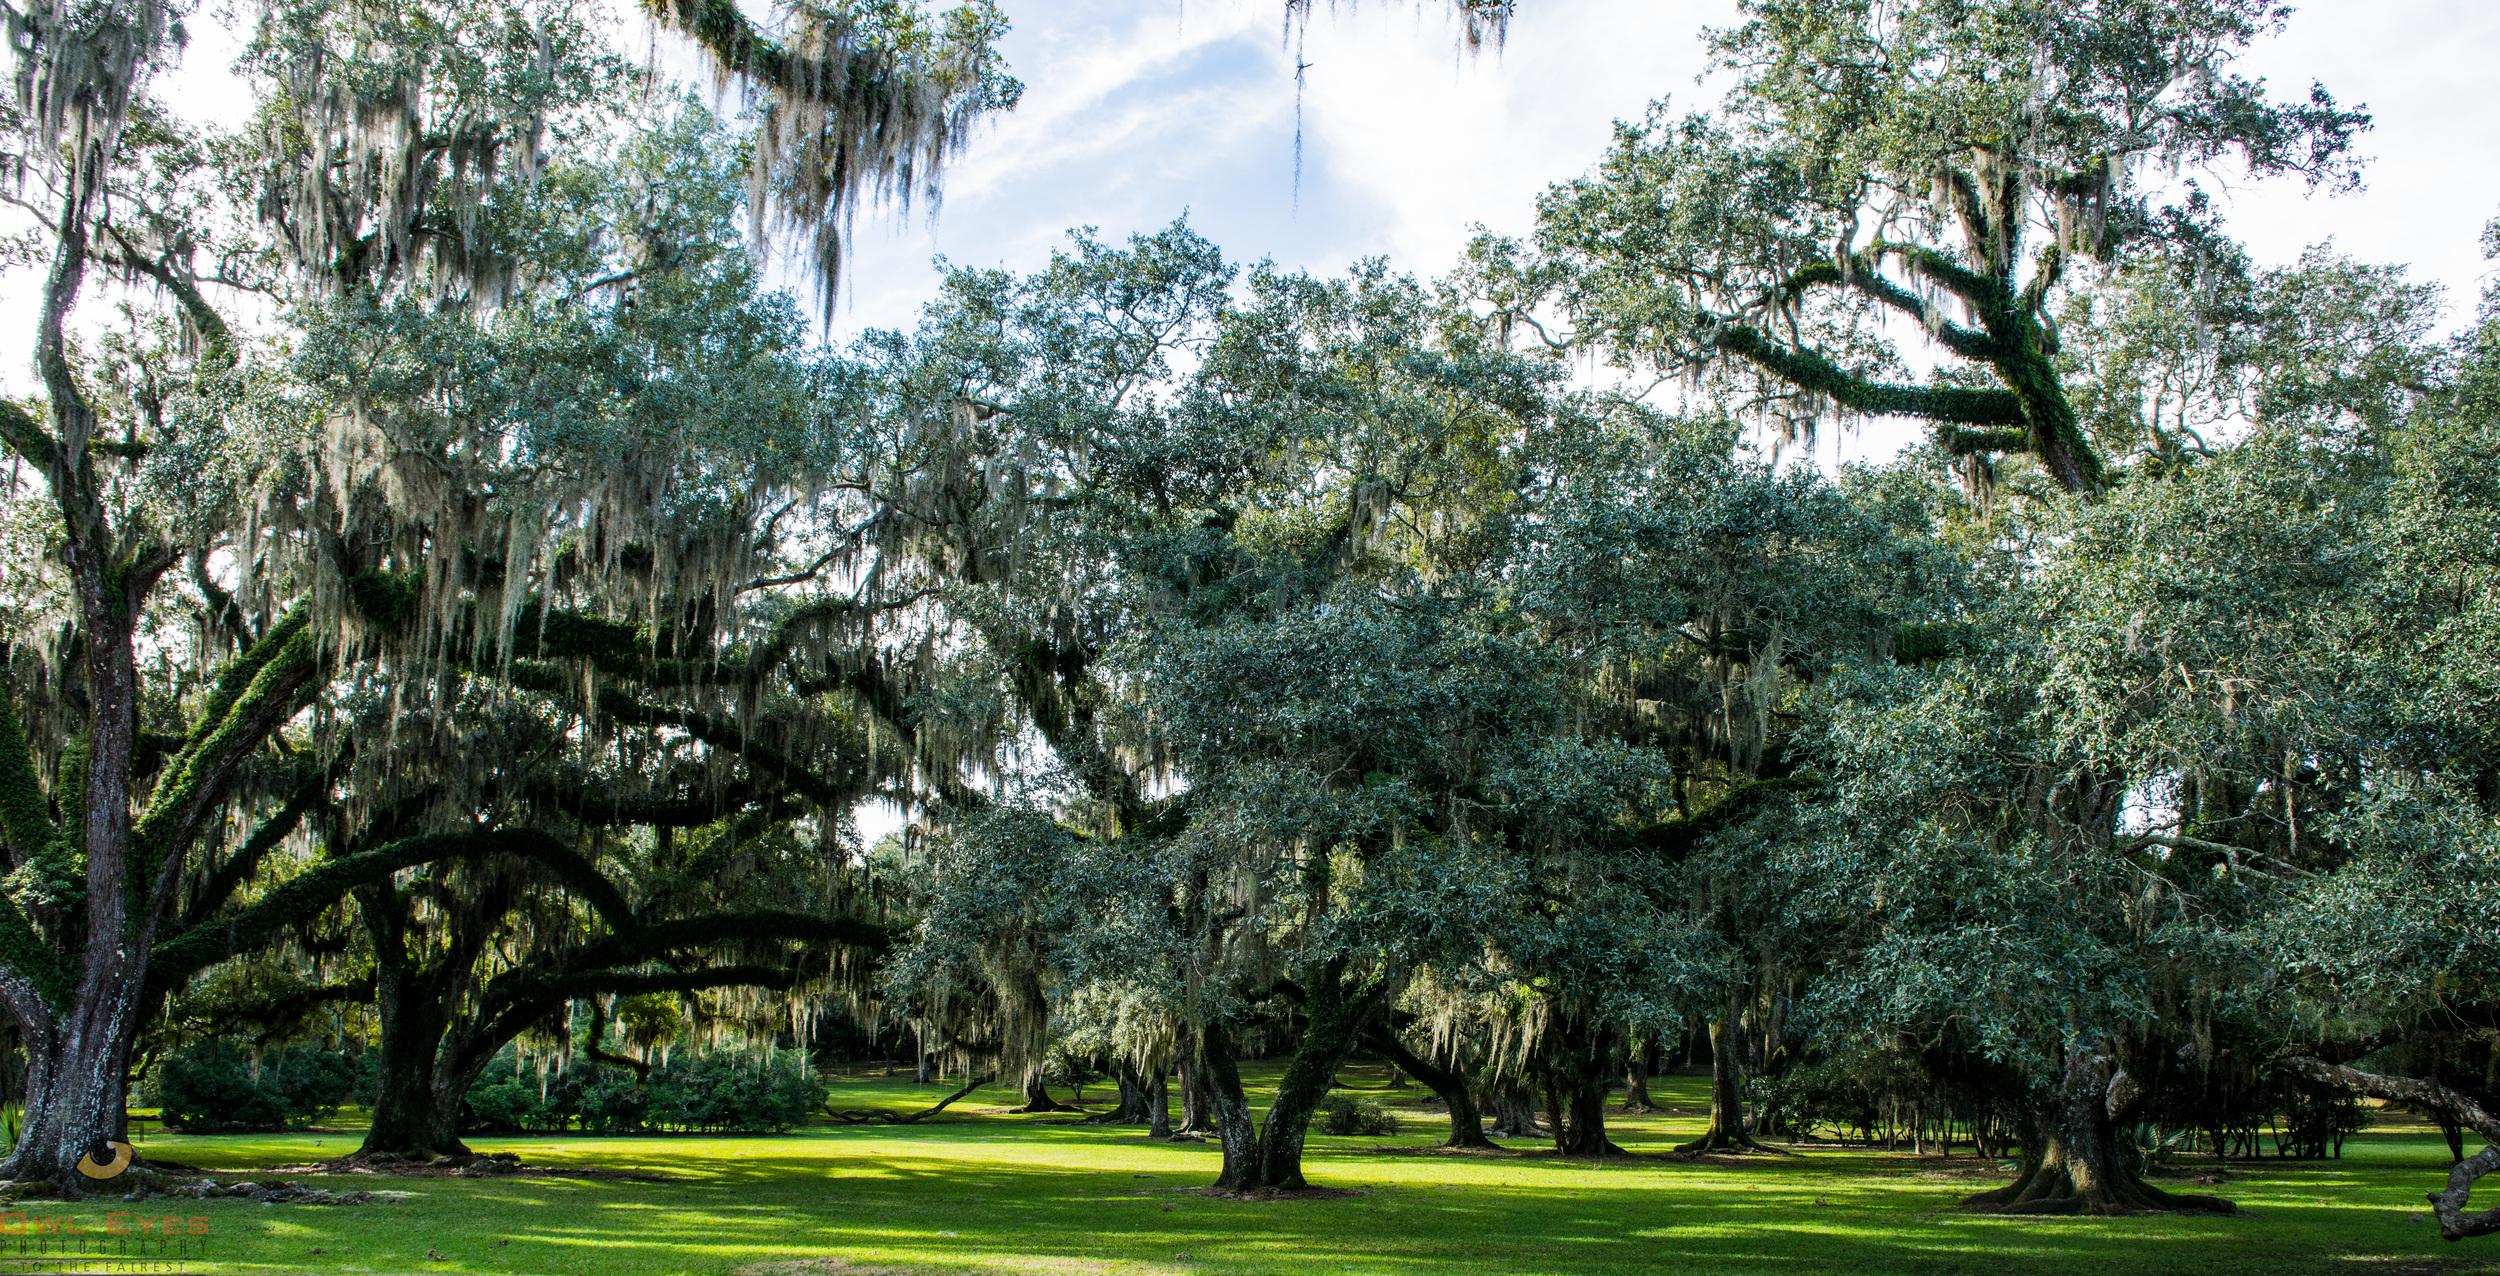 Avery Island Louisiana